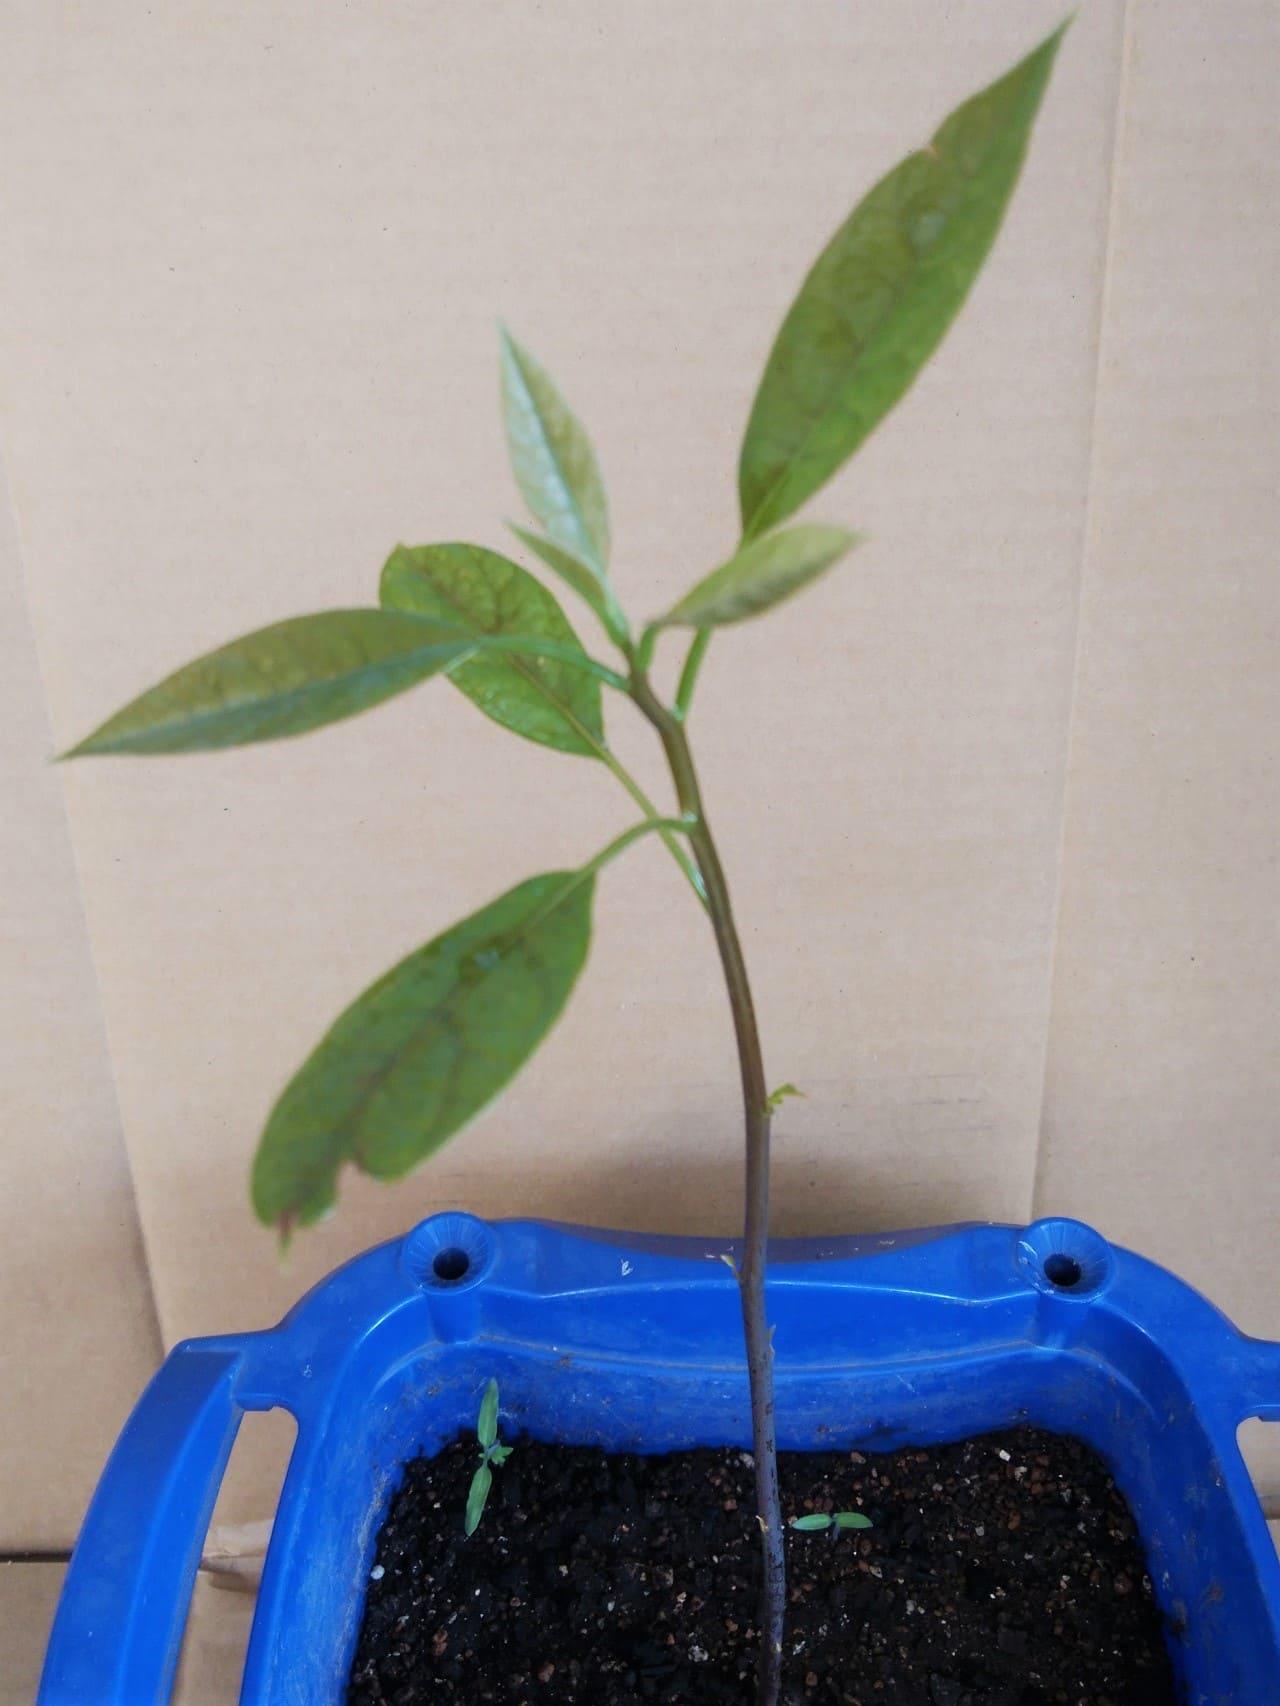 アボカドの種から芽が伸びた